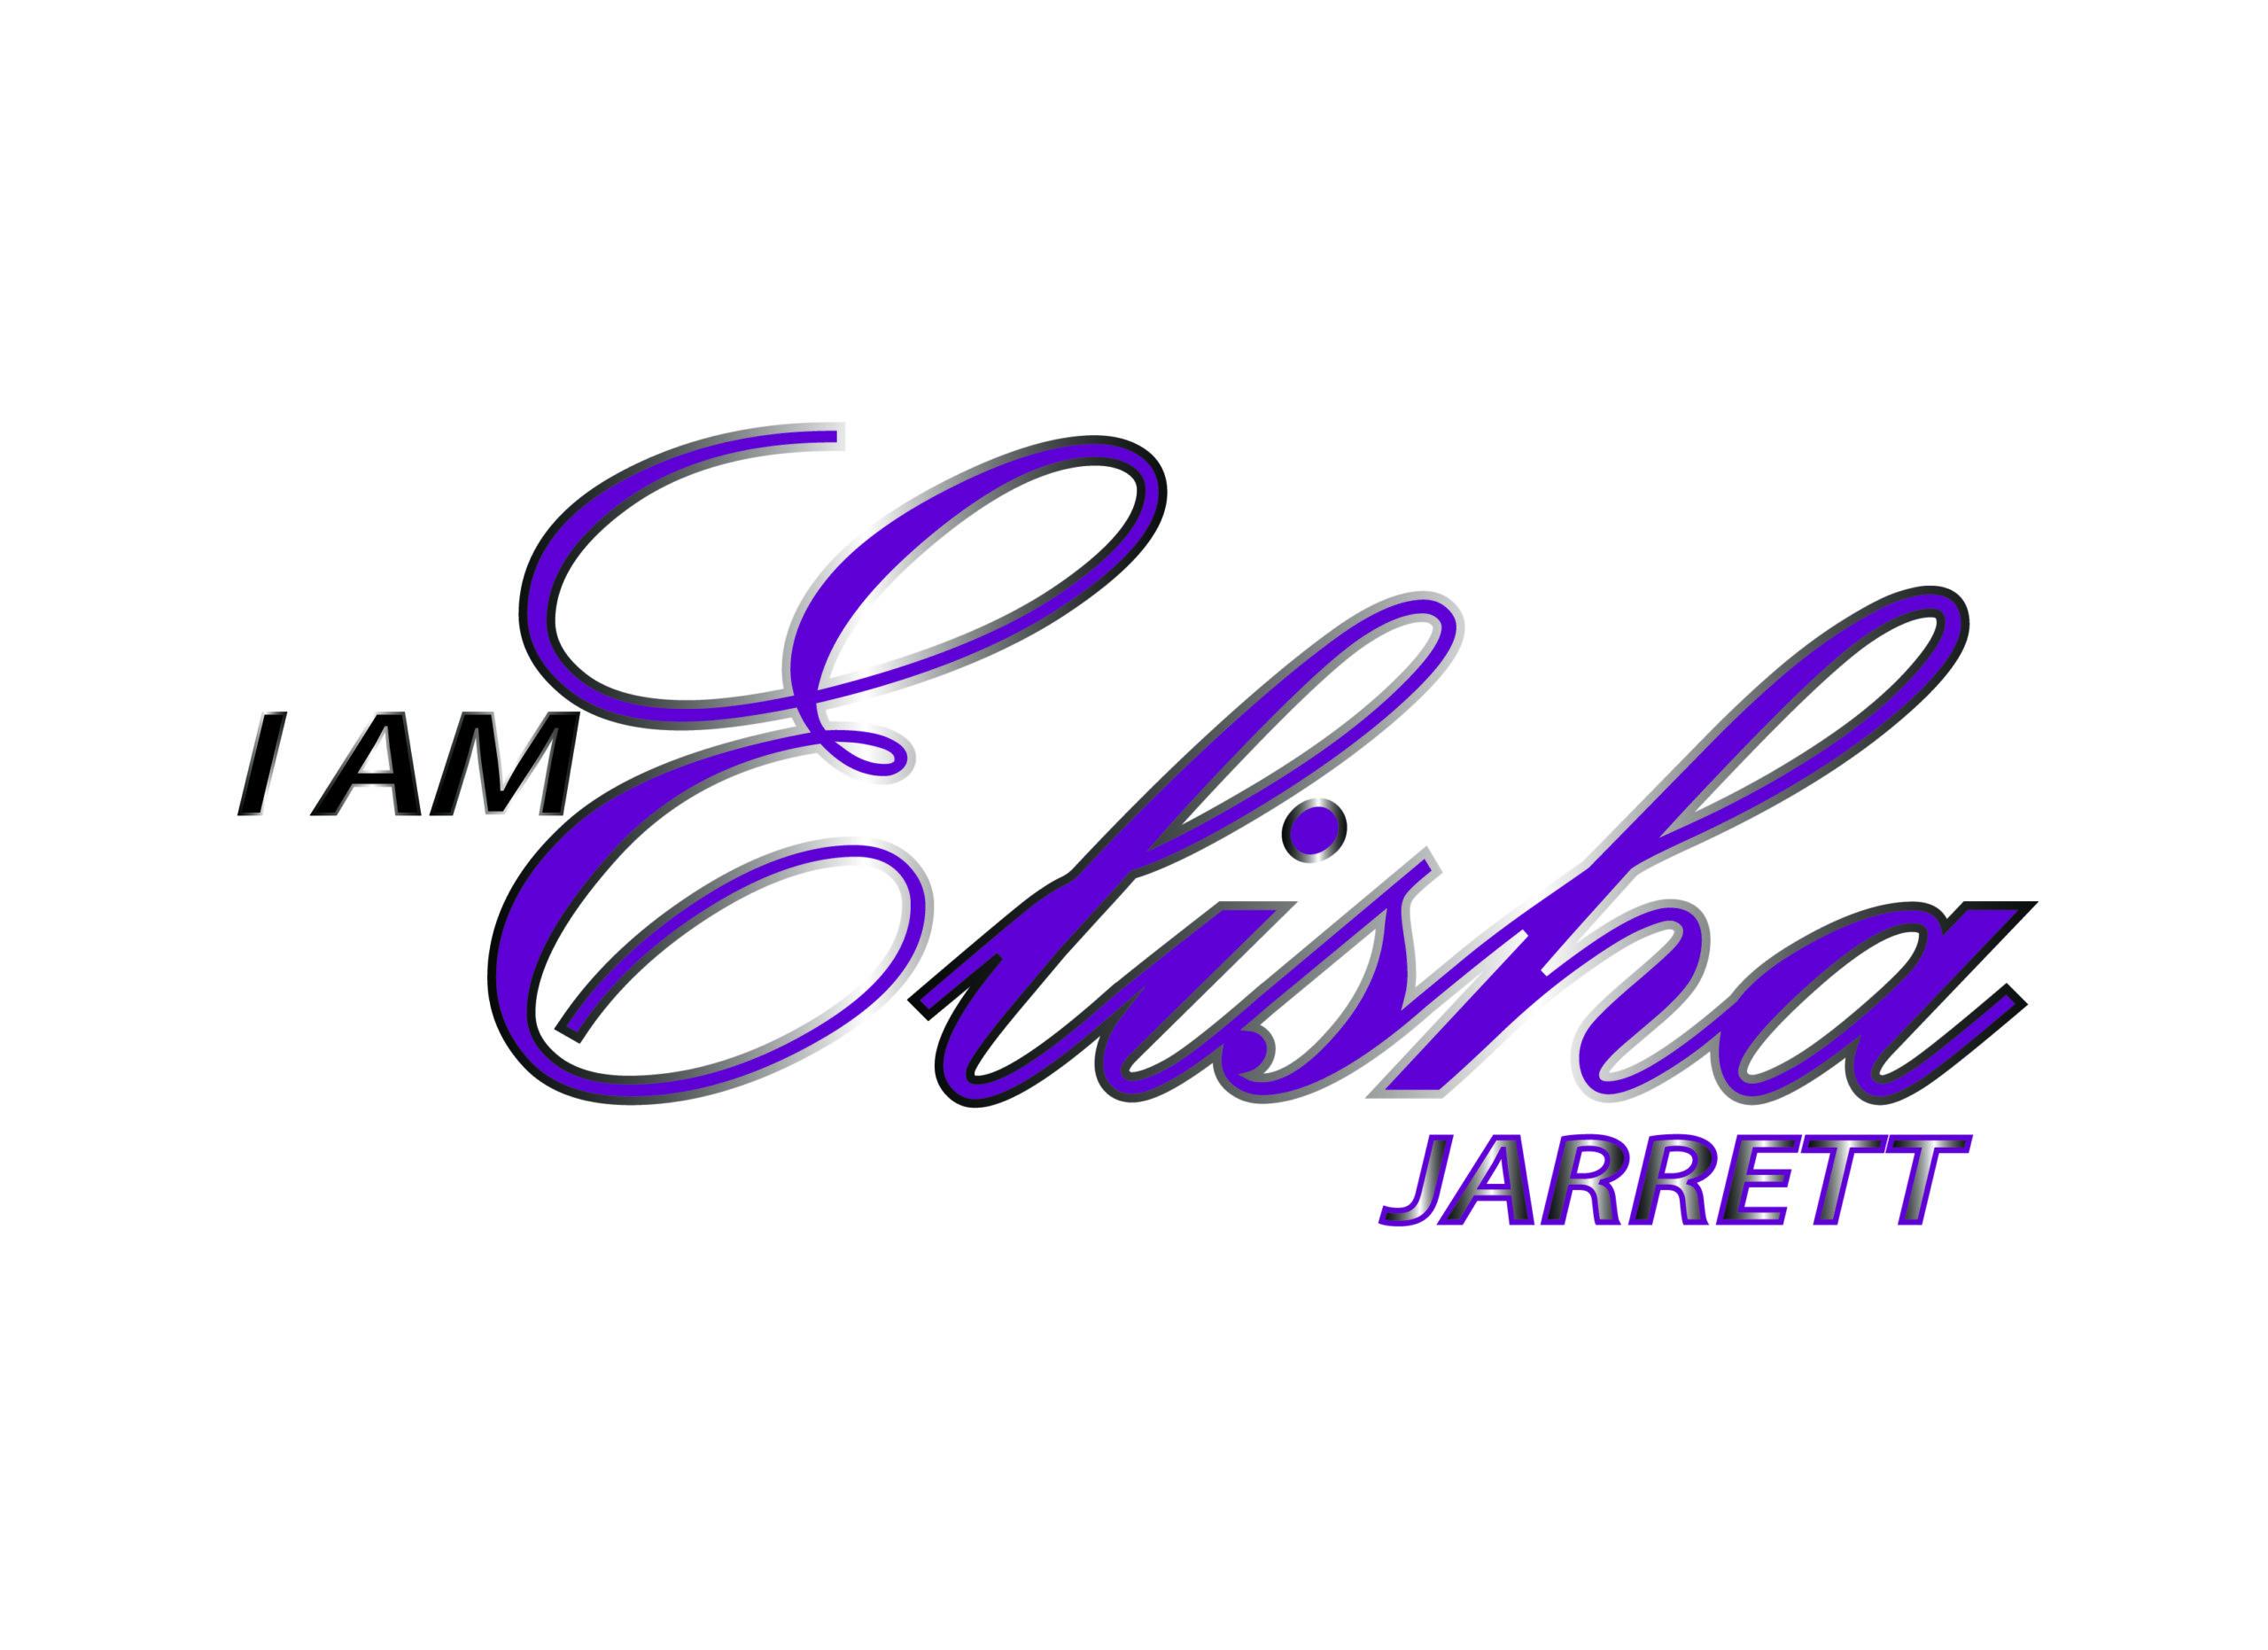 Elisha Jarrett